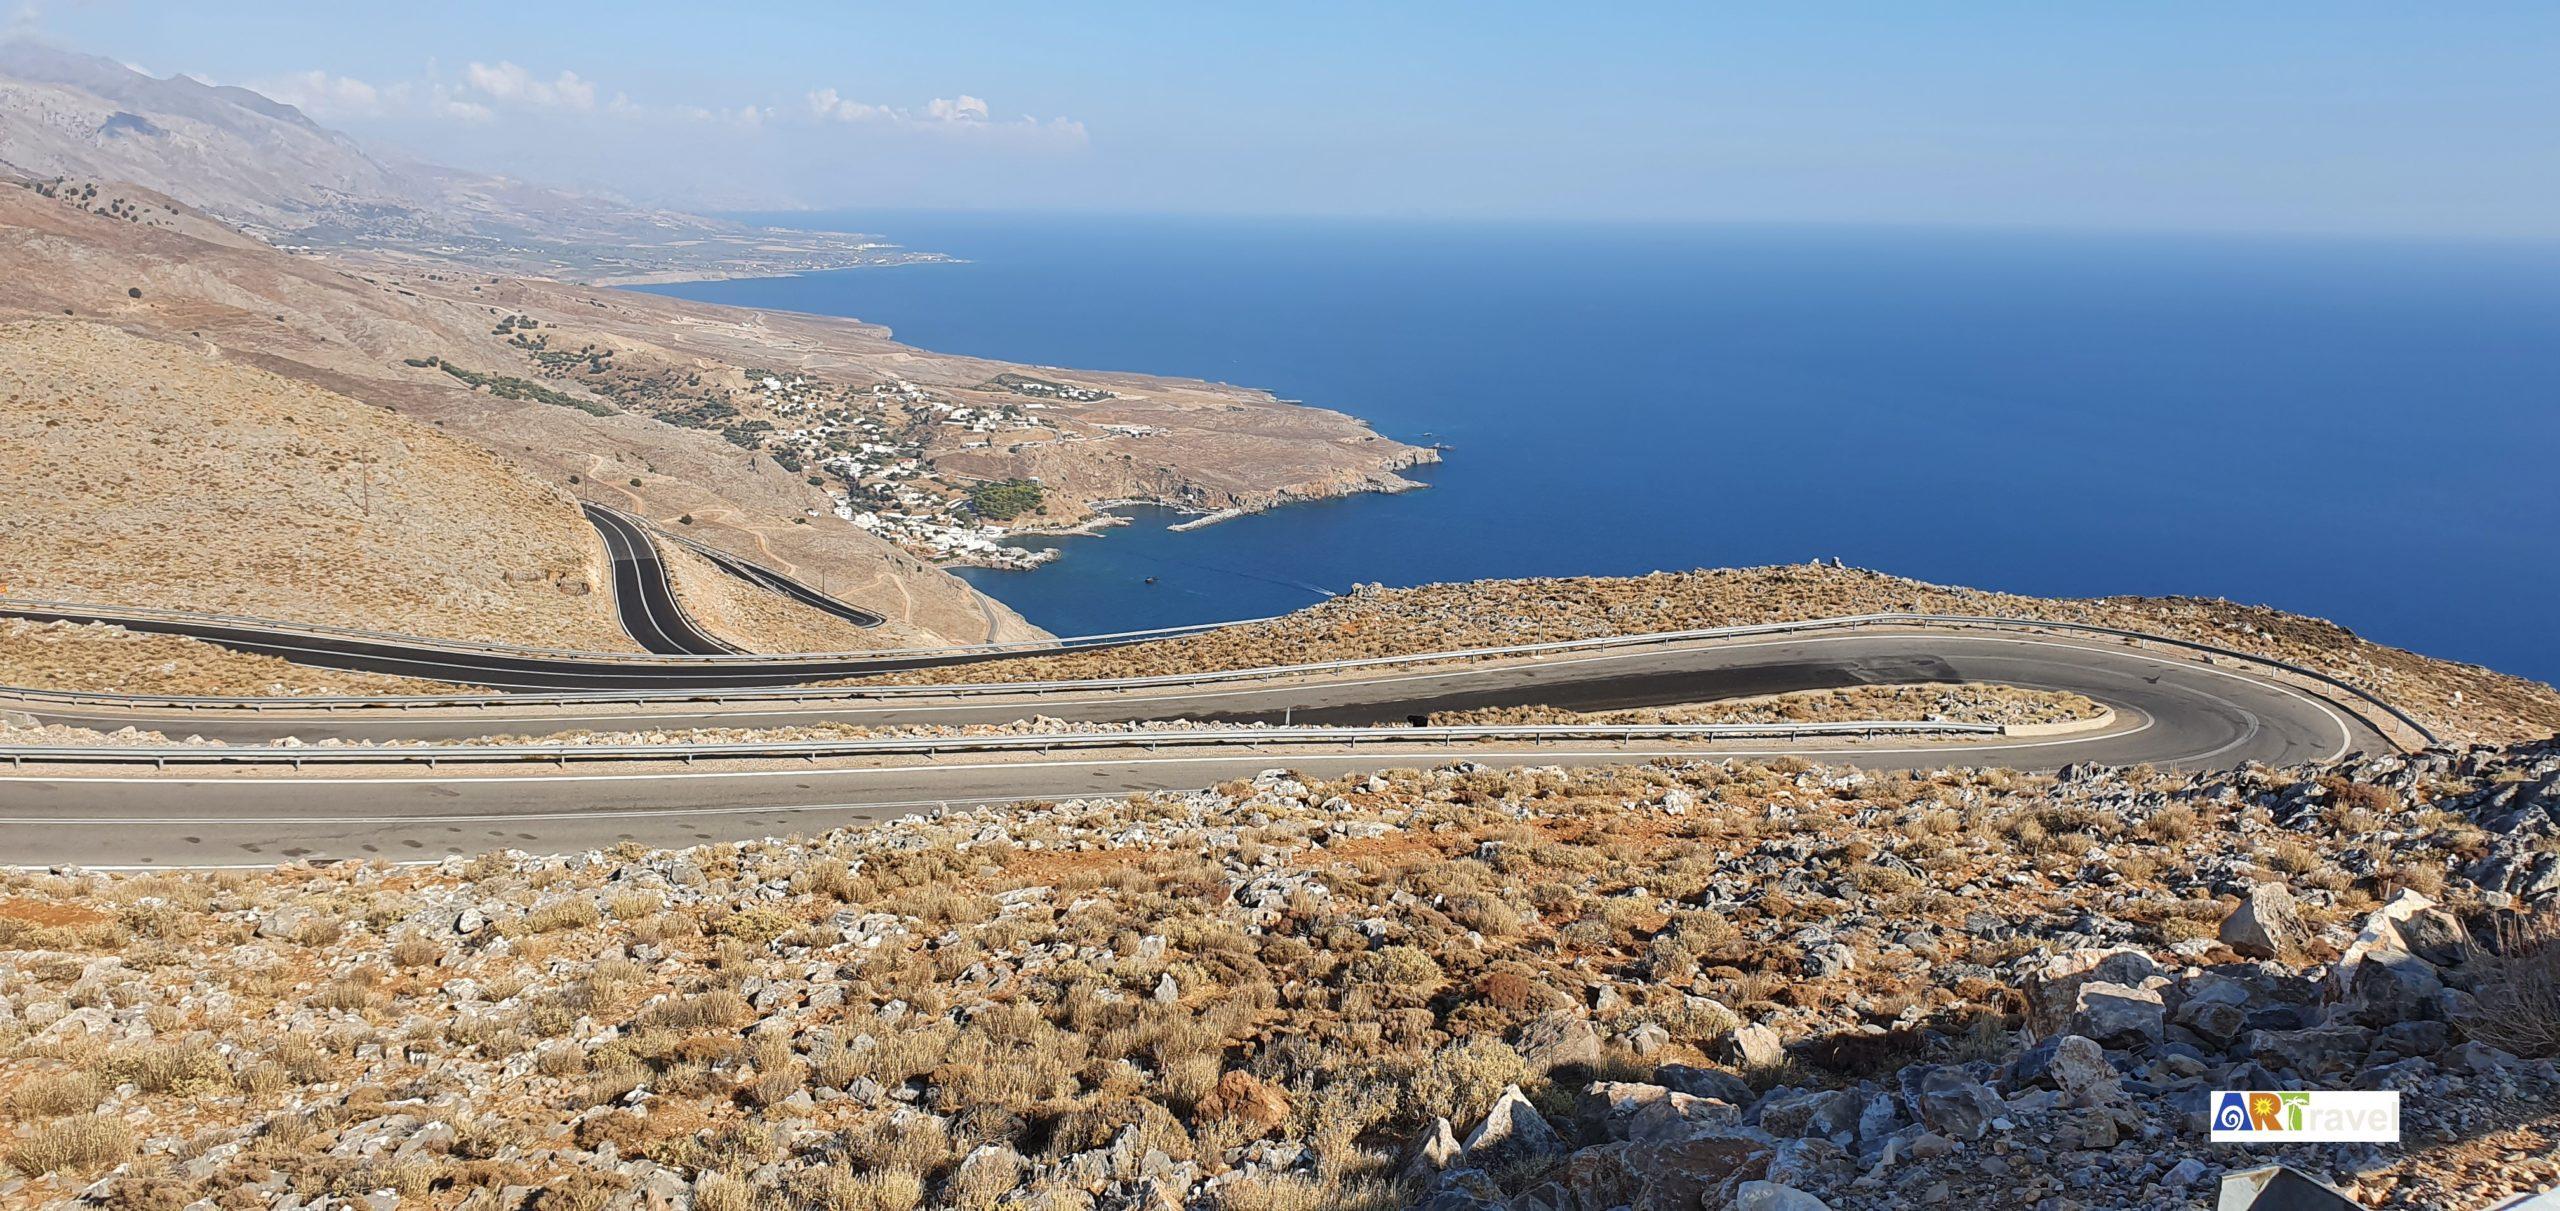 Les virages de la côte sud de l'île de Crète Grèce